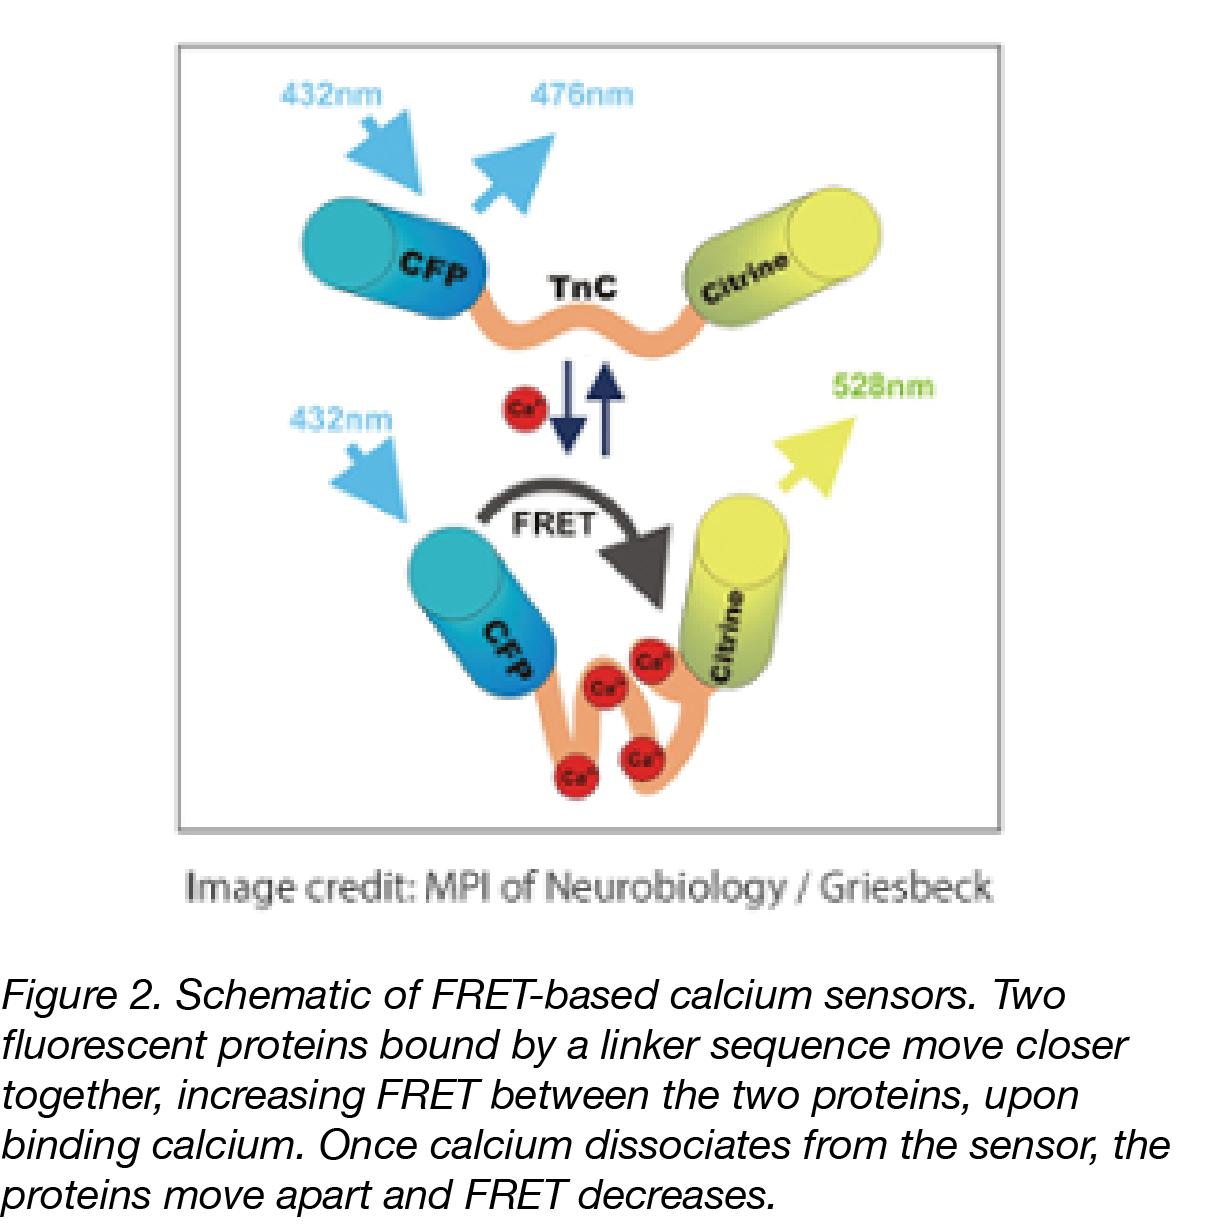 FRET-based calcium biosensors